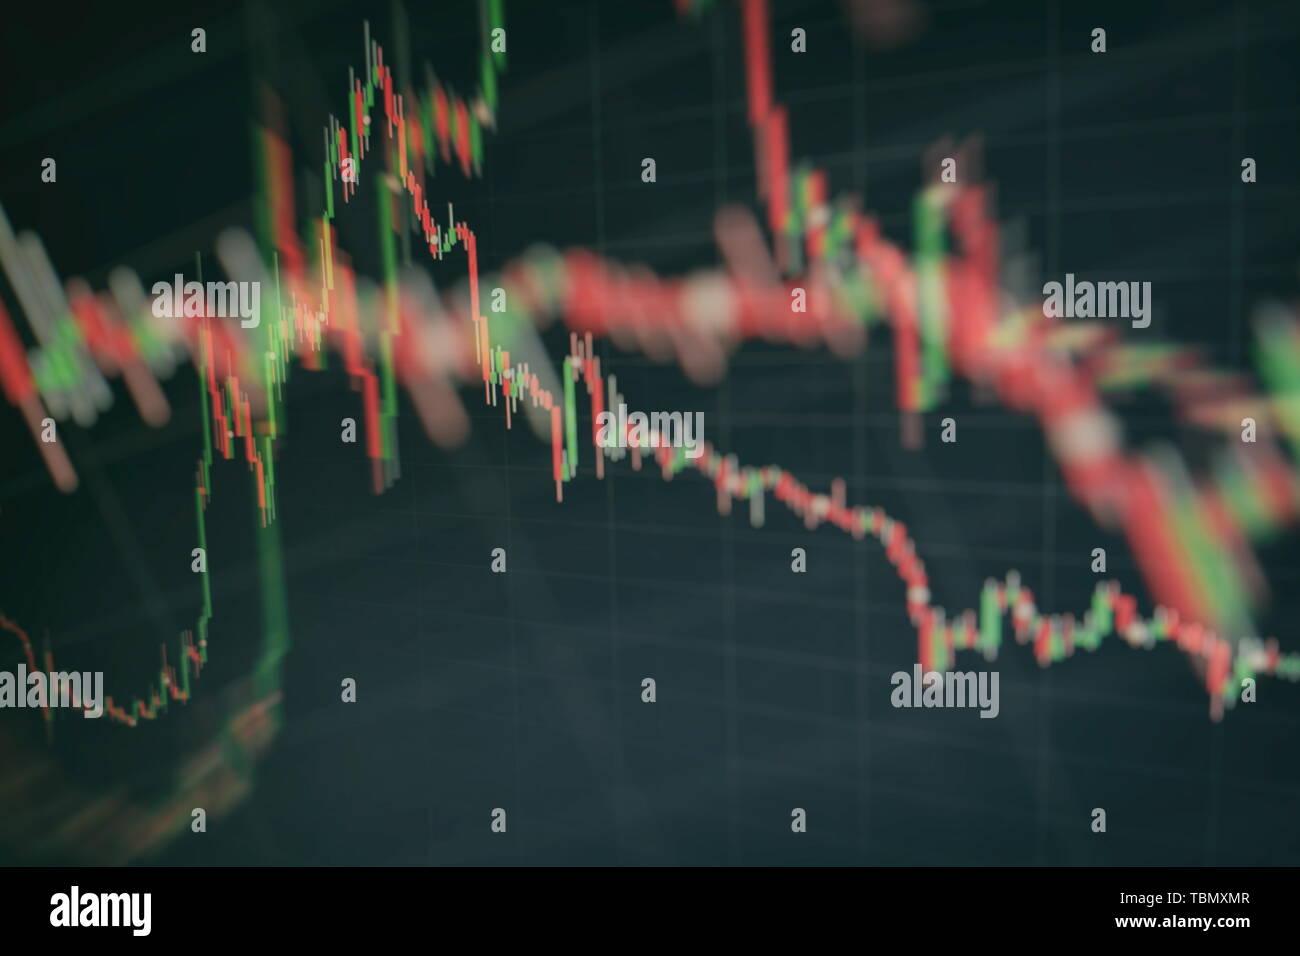 Gráfico con diagramas en el mercado bursátil, para negocios y conceptos financieros e informes.abstracto fondo azul. Foto de stock